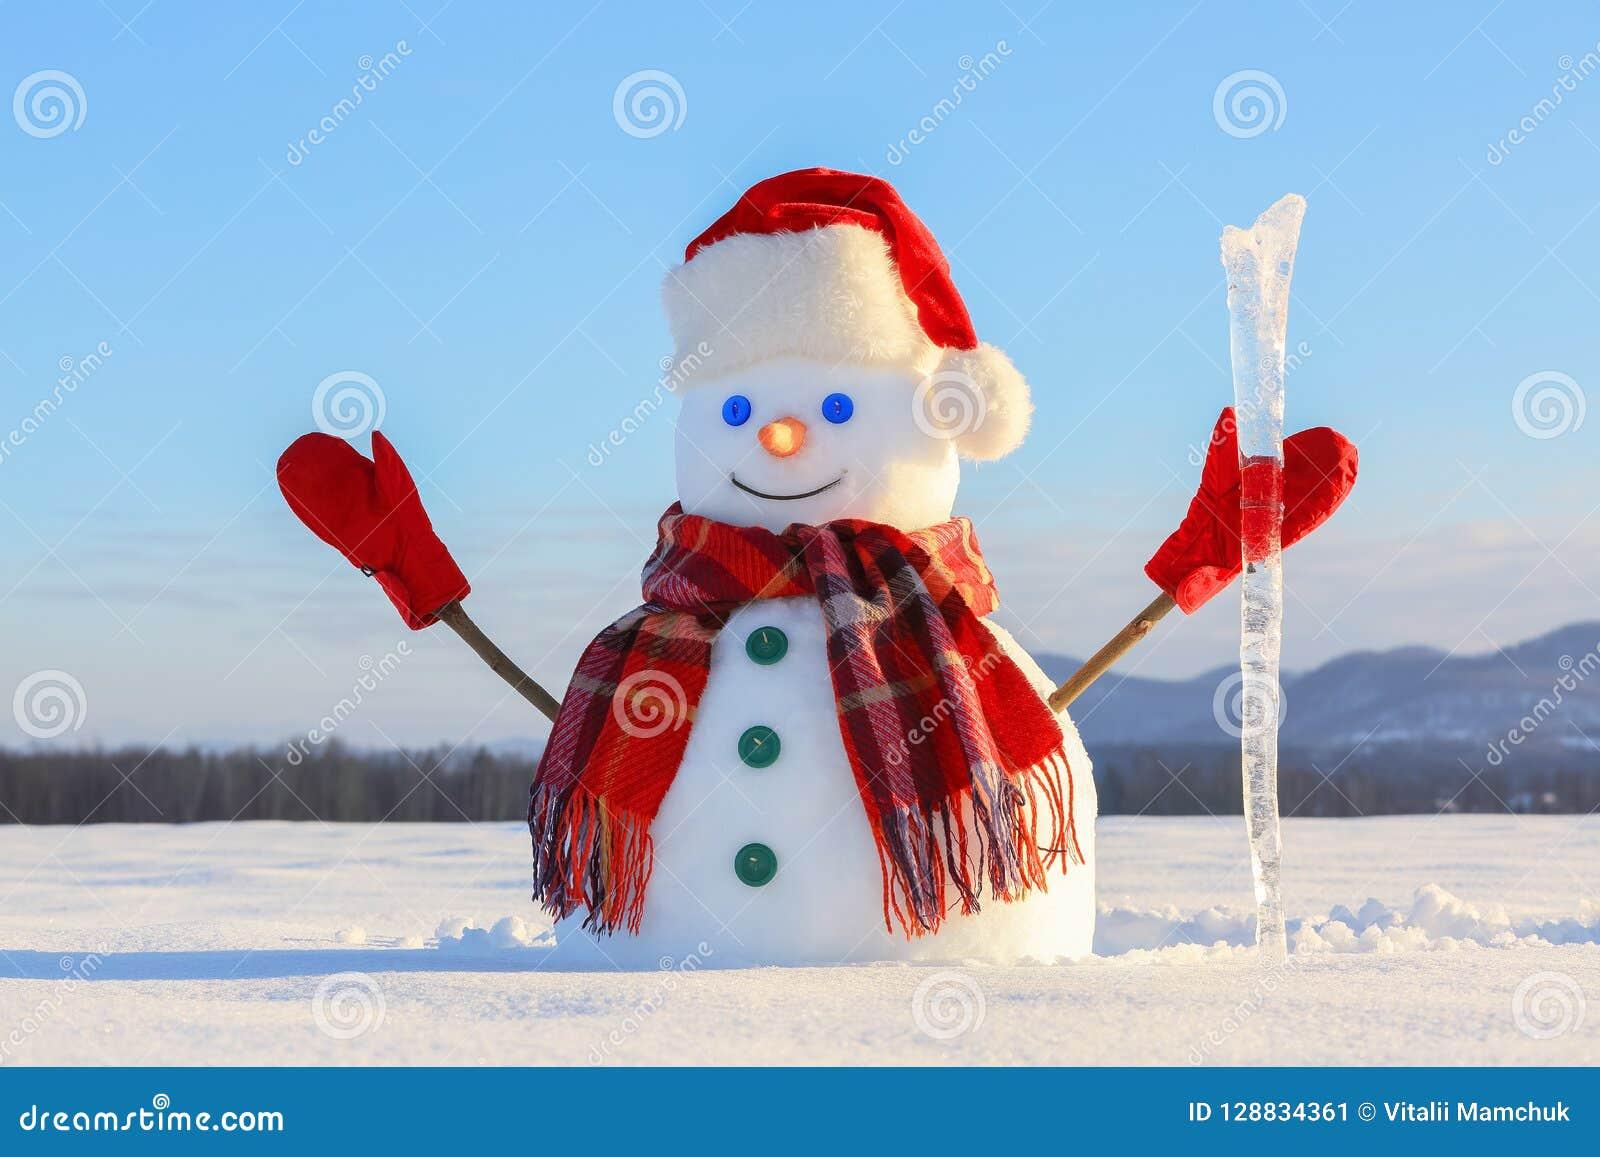 红色帽子、手套和格子花呢披肩围巾的蓝眼睛的微笑的雪人拿着冰柱手中 快乐的冷的冬天早晨